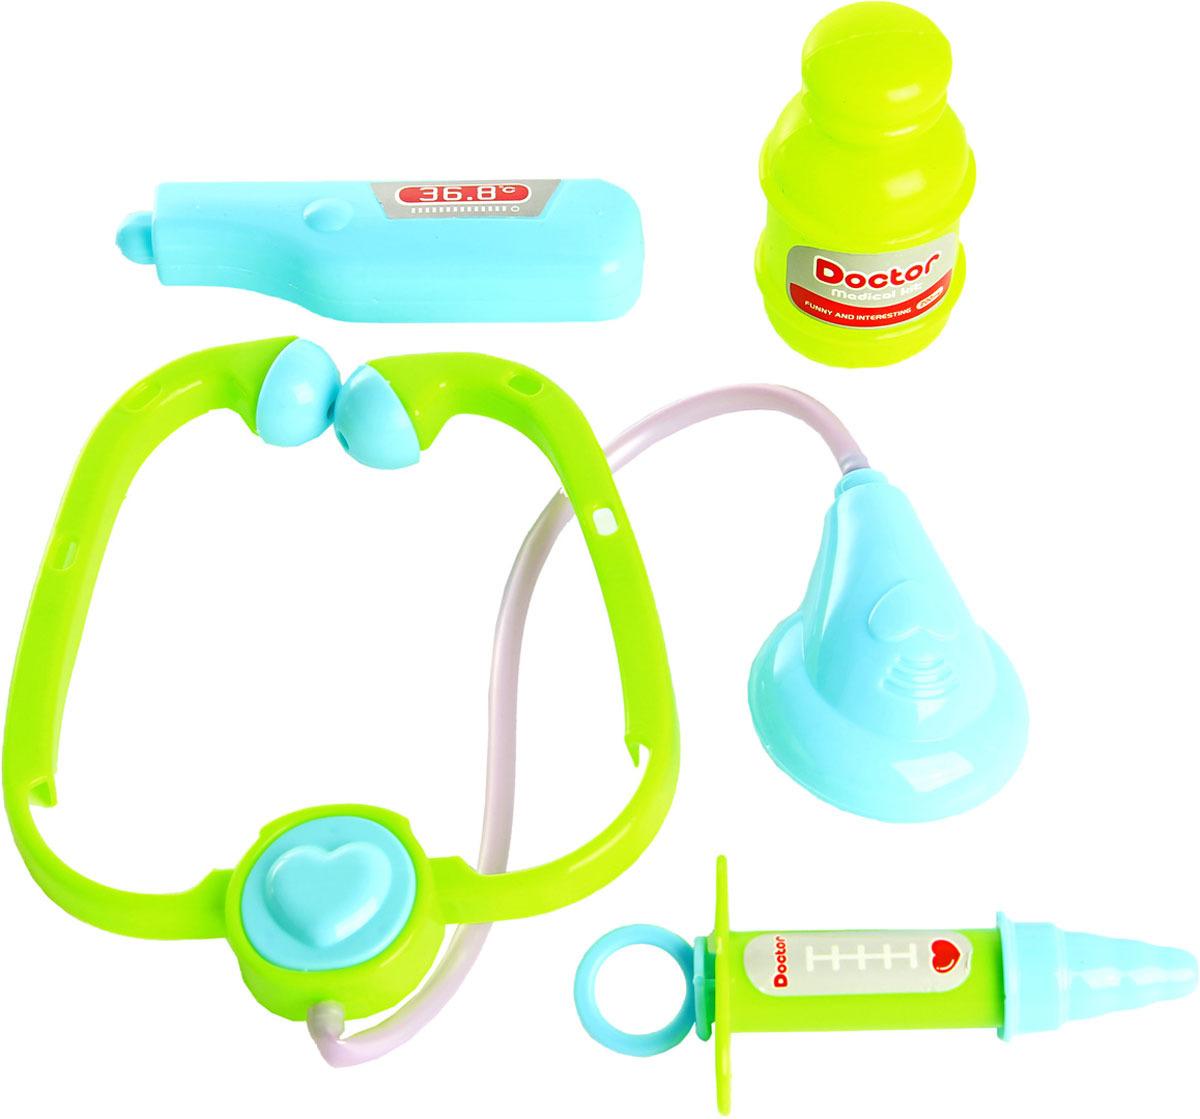 Сюжетно-ролевая игрушка Veld Co Набор доктора в чемодане. 59148 набор инструментов в чемодане veld co 73363